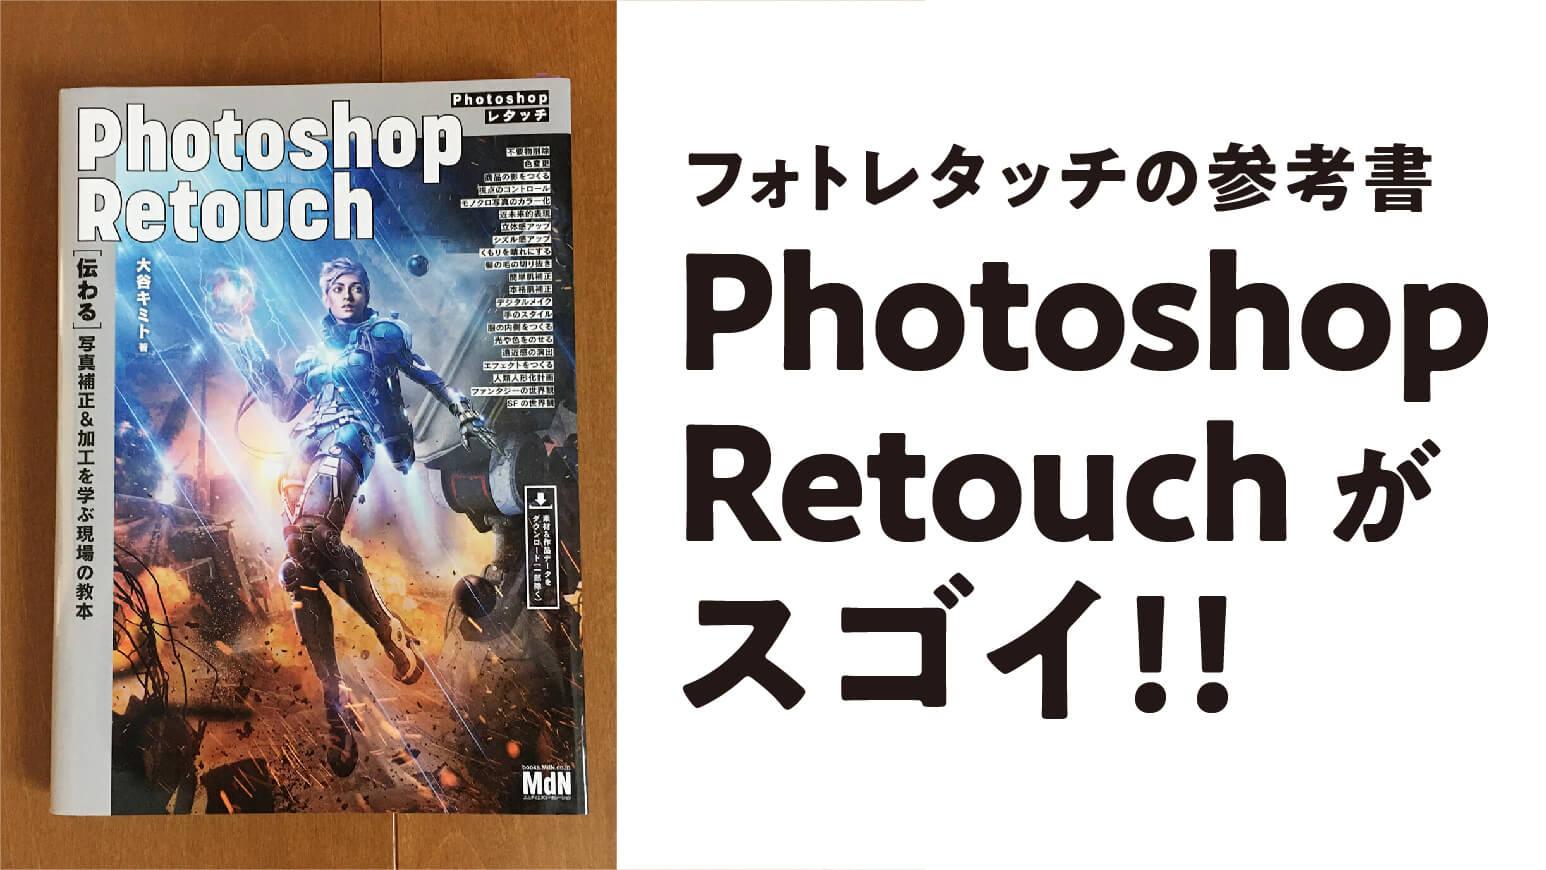 フォトレタッチの本「Photoshop Retouch」がスゴイ